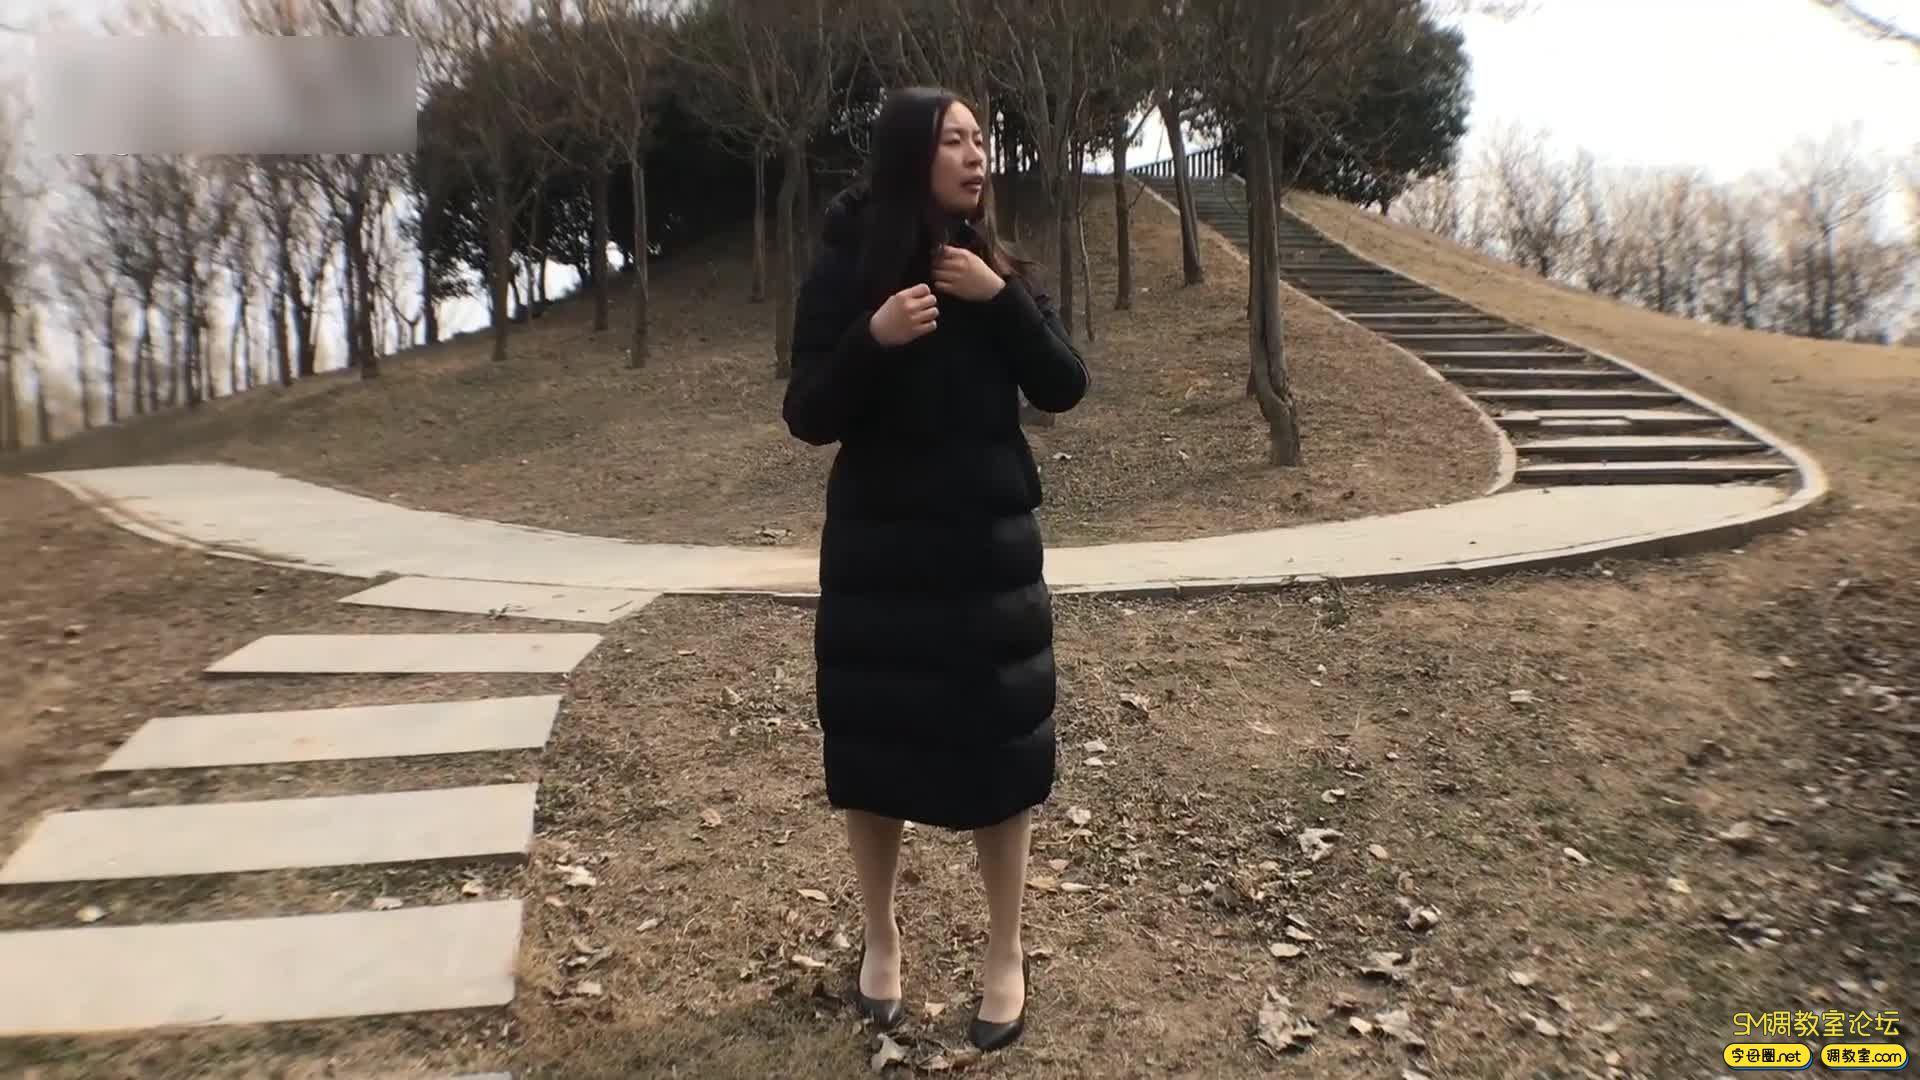 虐恋天使_培培 全程户外,挑战极限-车内捆绑 公园 建筑工地吊绑-视频截图4